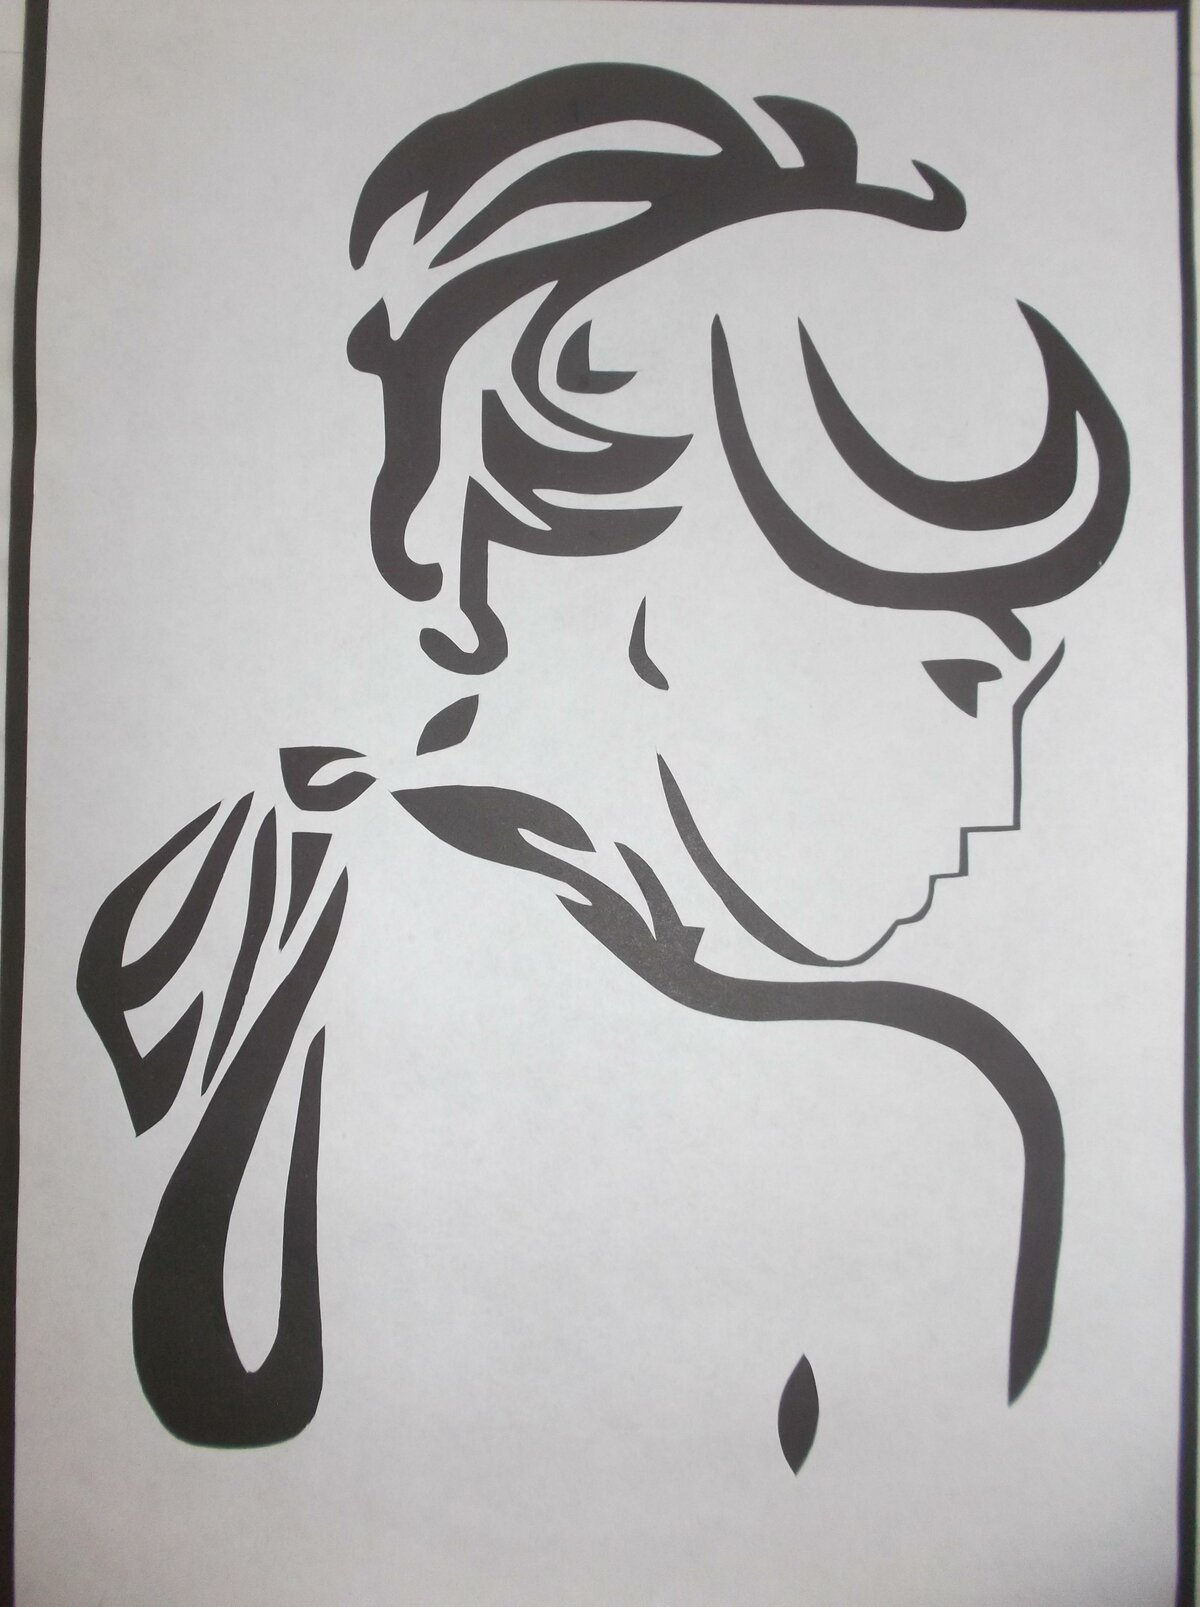 Трафарет девушки для вырезания из бумаги шаблоны распечатать, смешные картинки слез